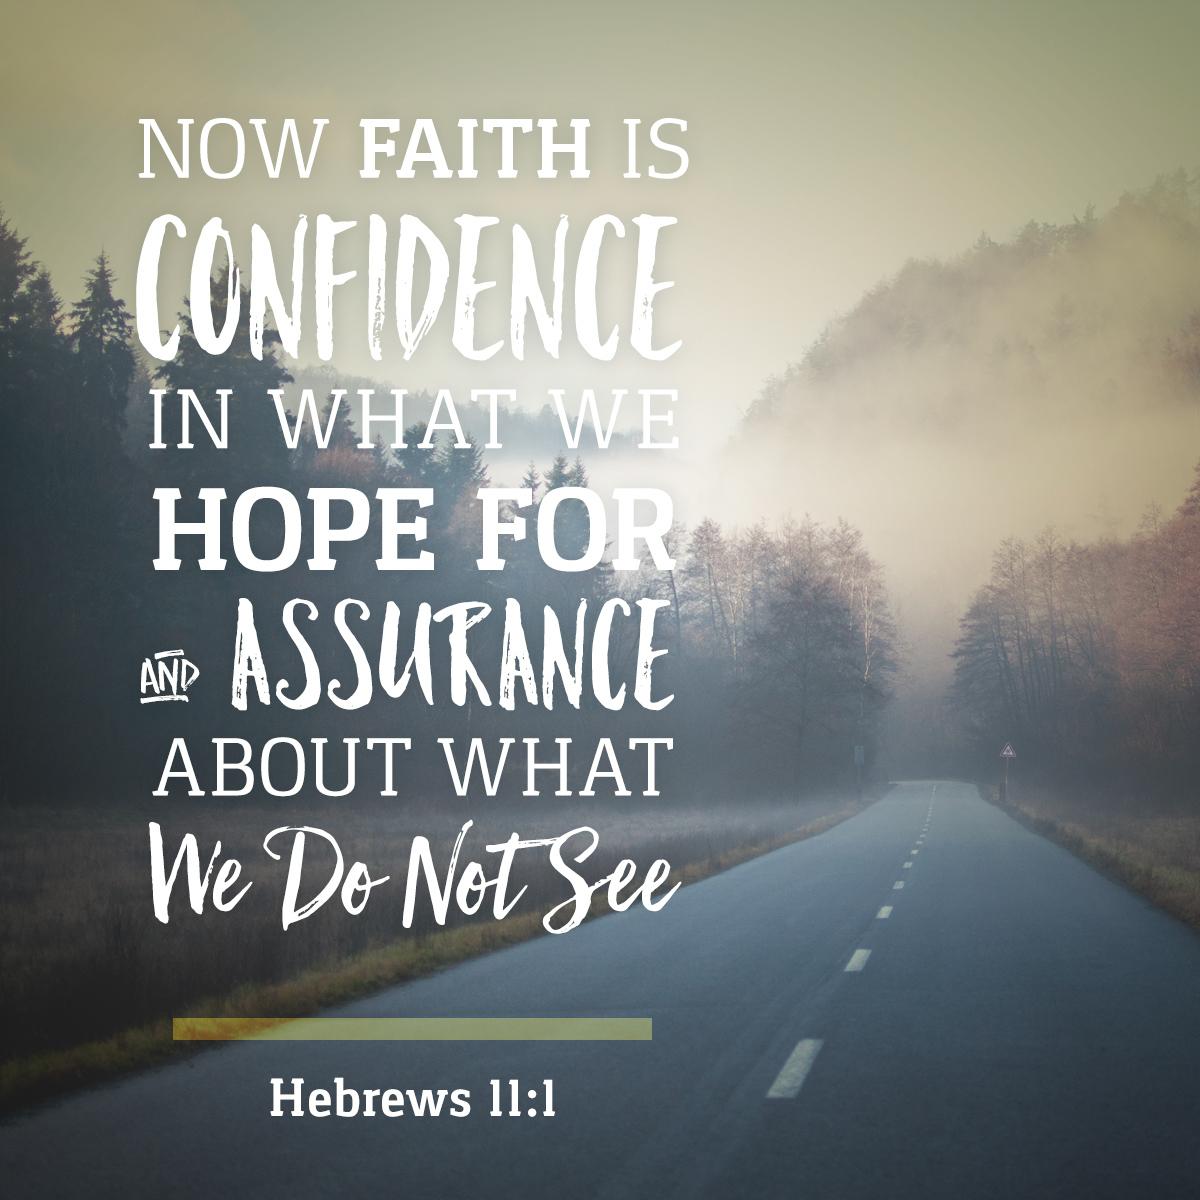 Hebrews 11:1 - Daily Verse